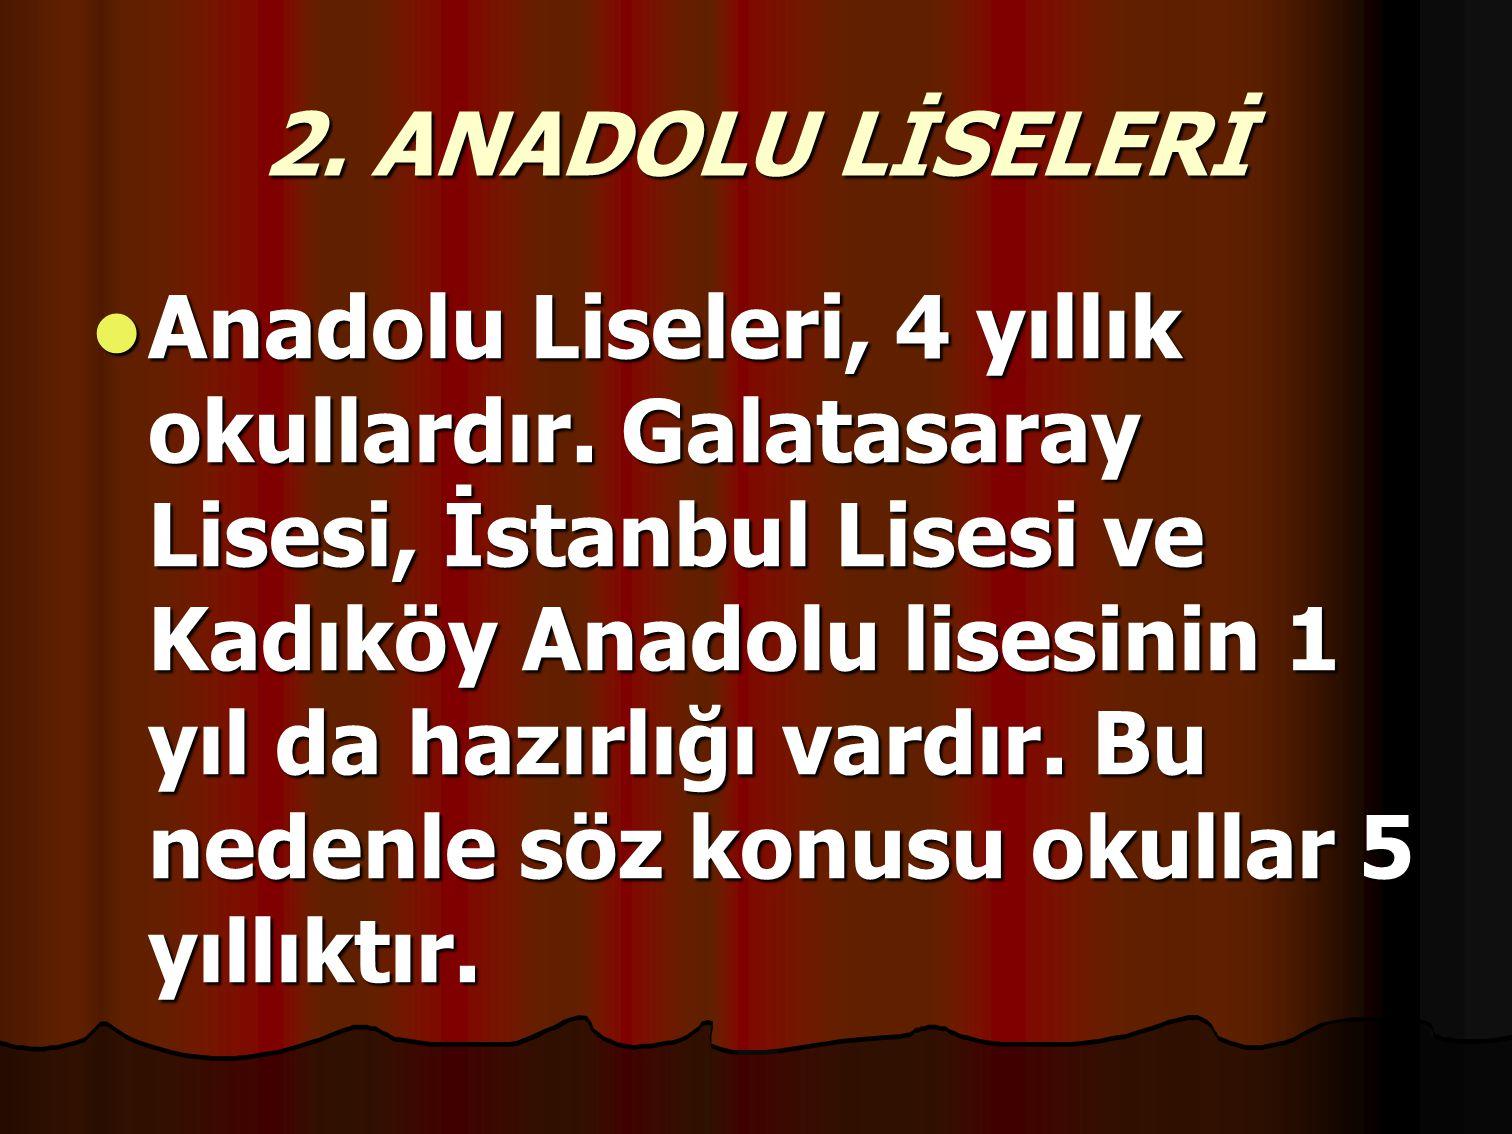 2. ANADOLU LİSELERİ